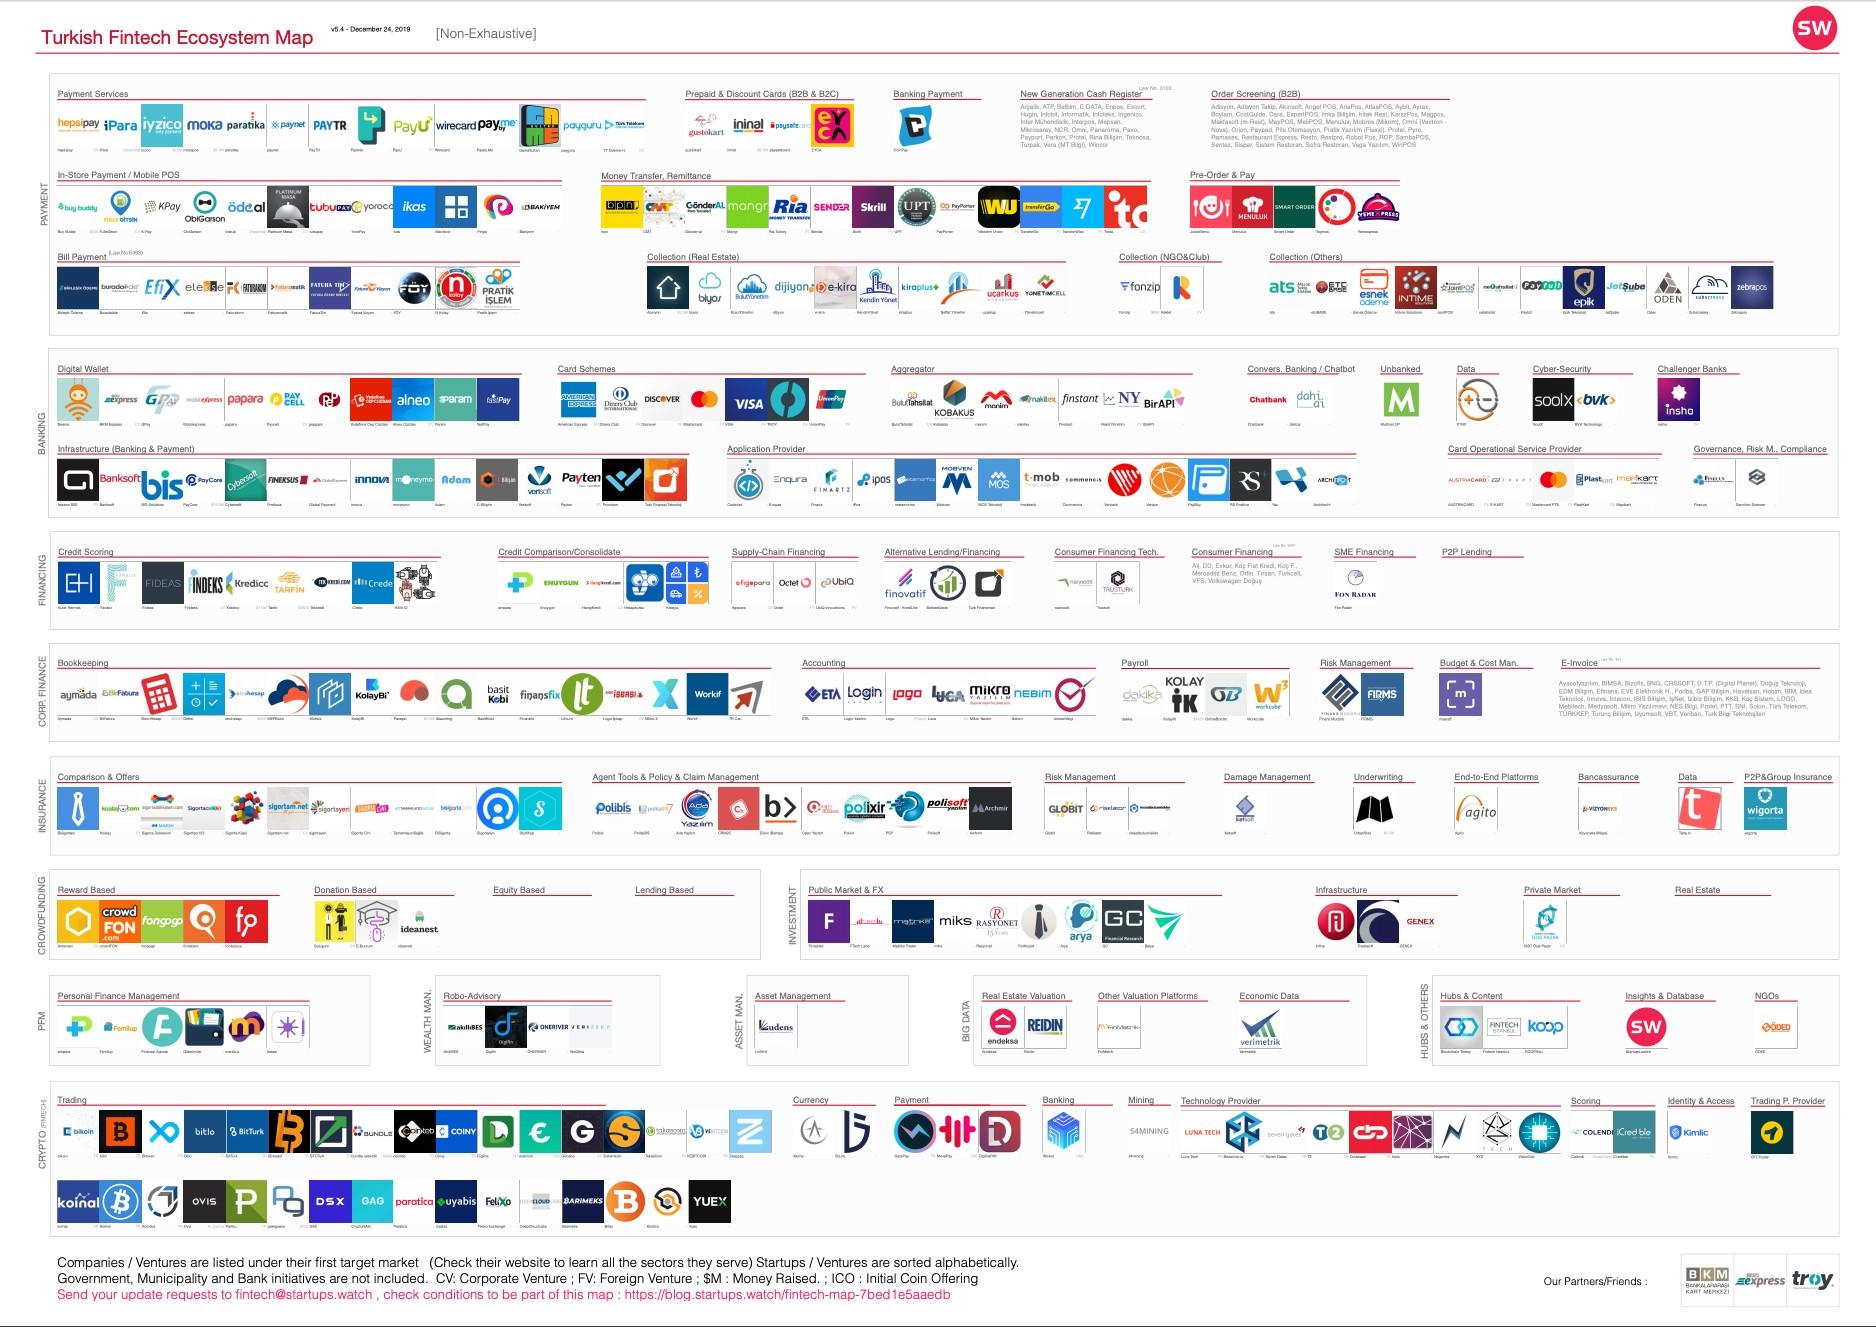 32 ülkenin FinTech ekosistem haritası